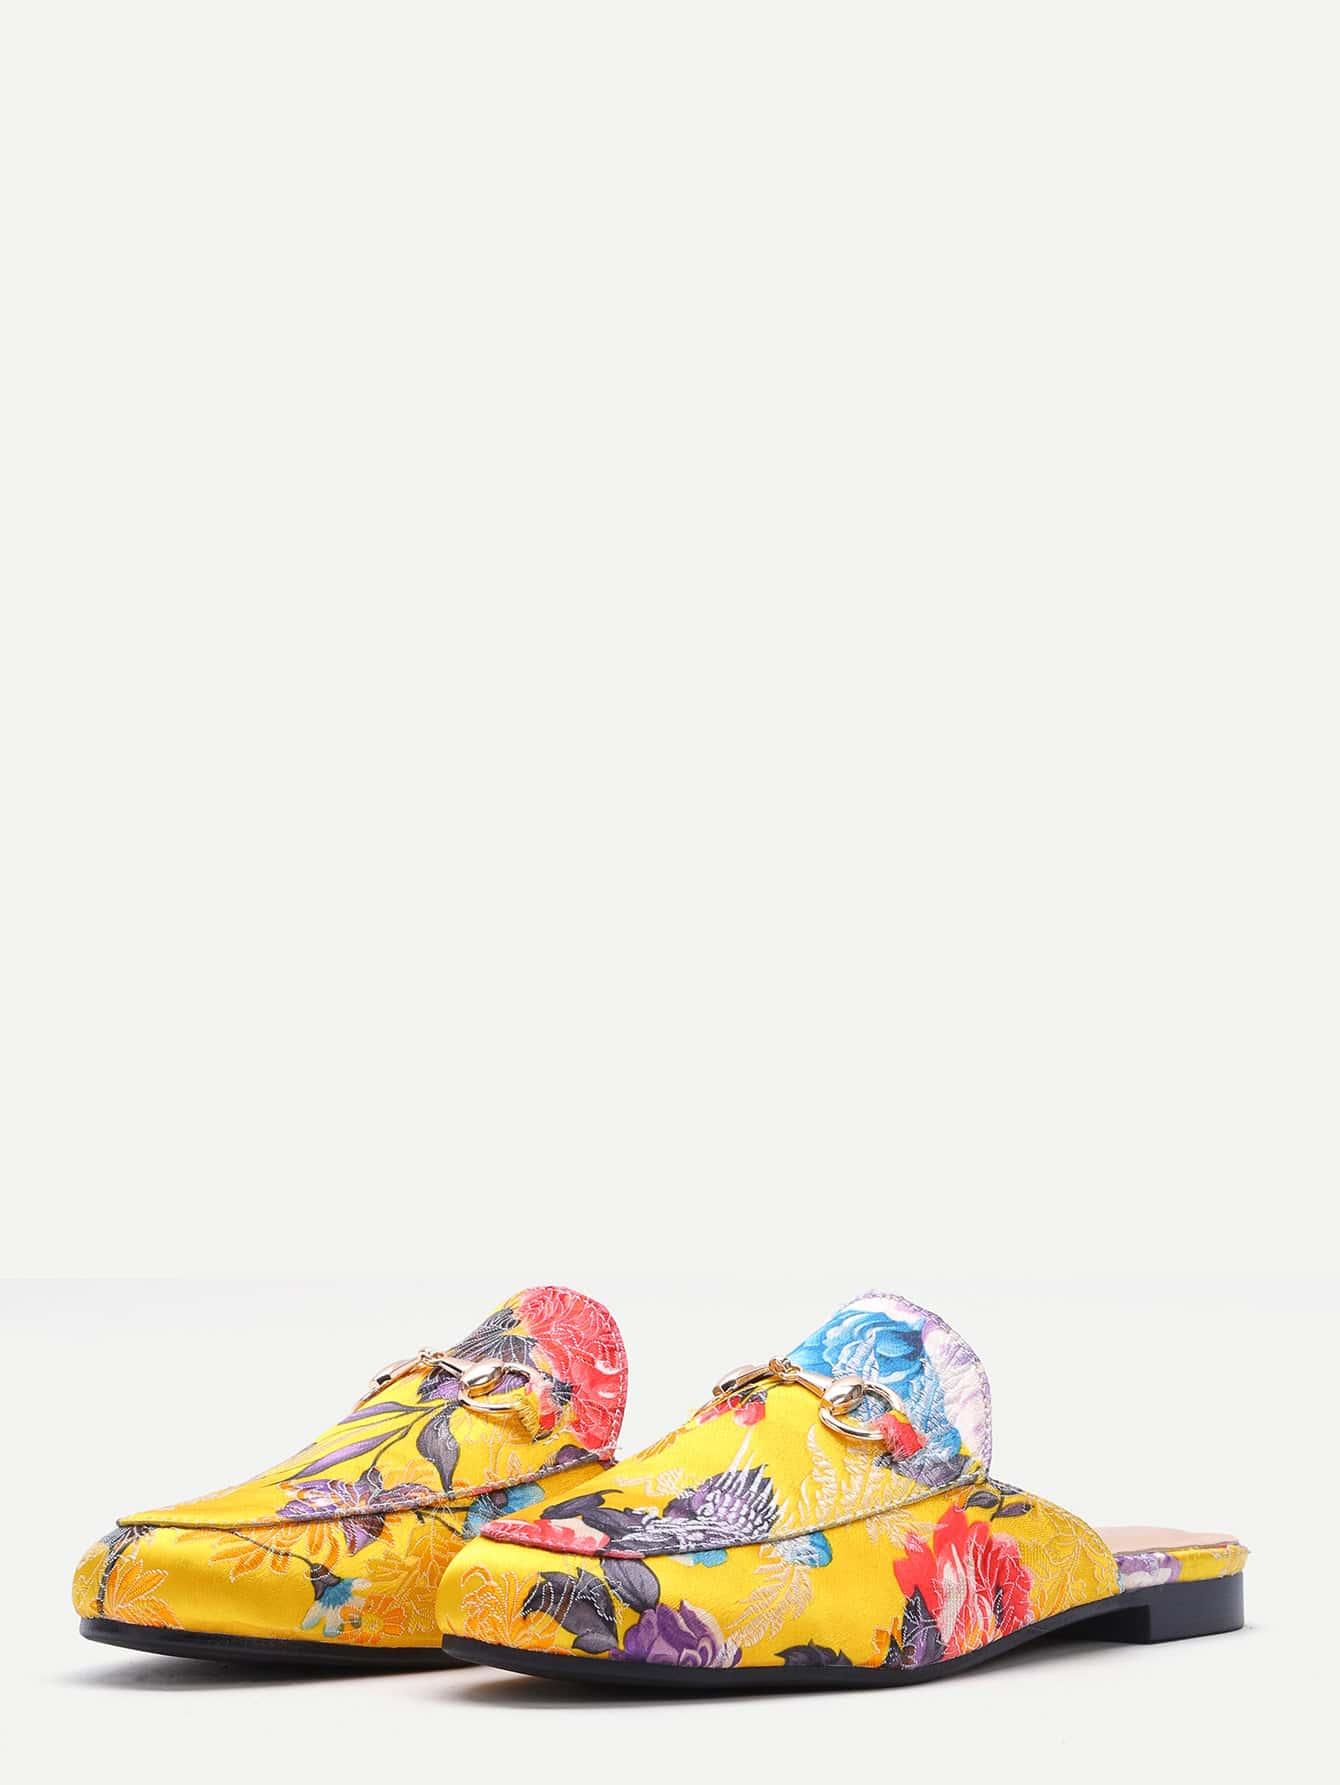 shoes170104803_2